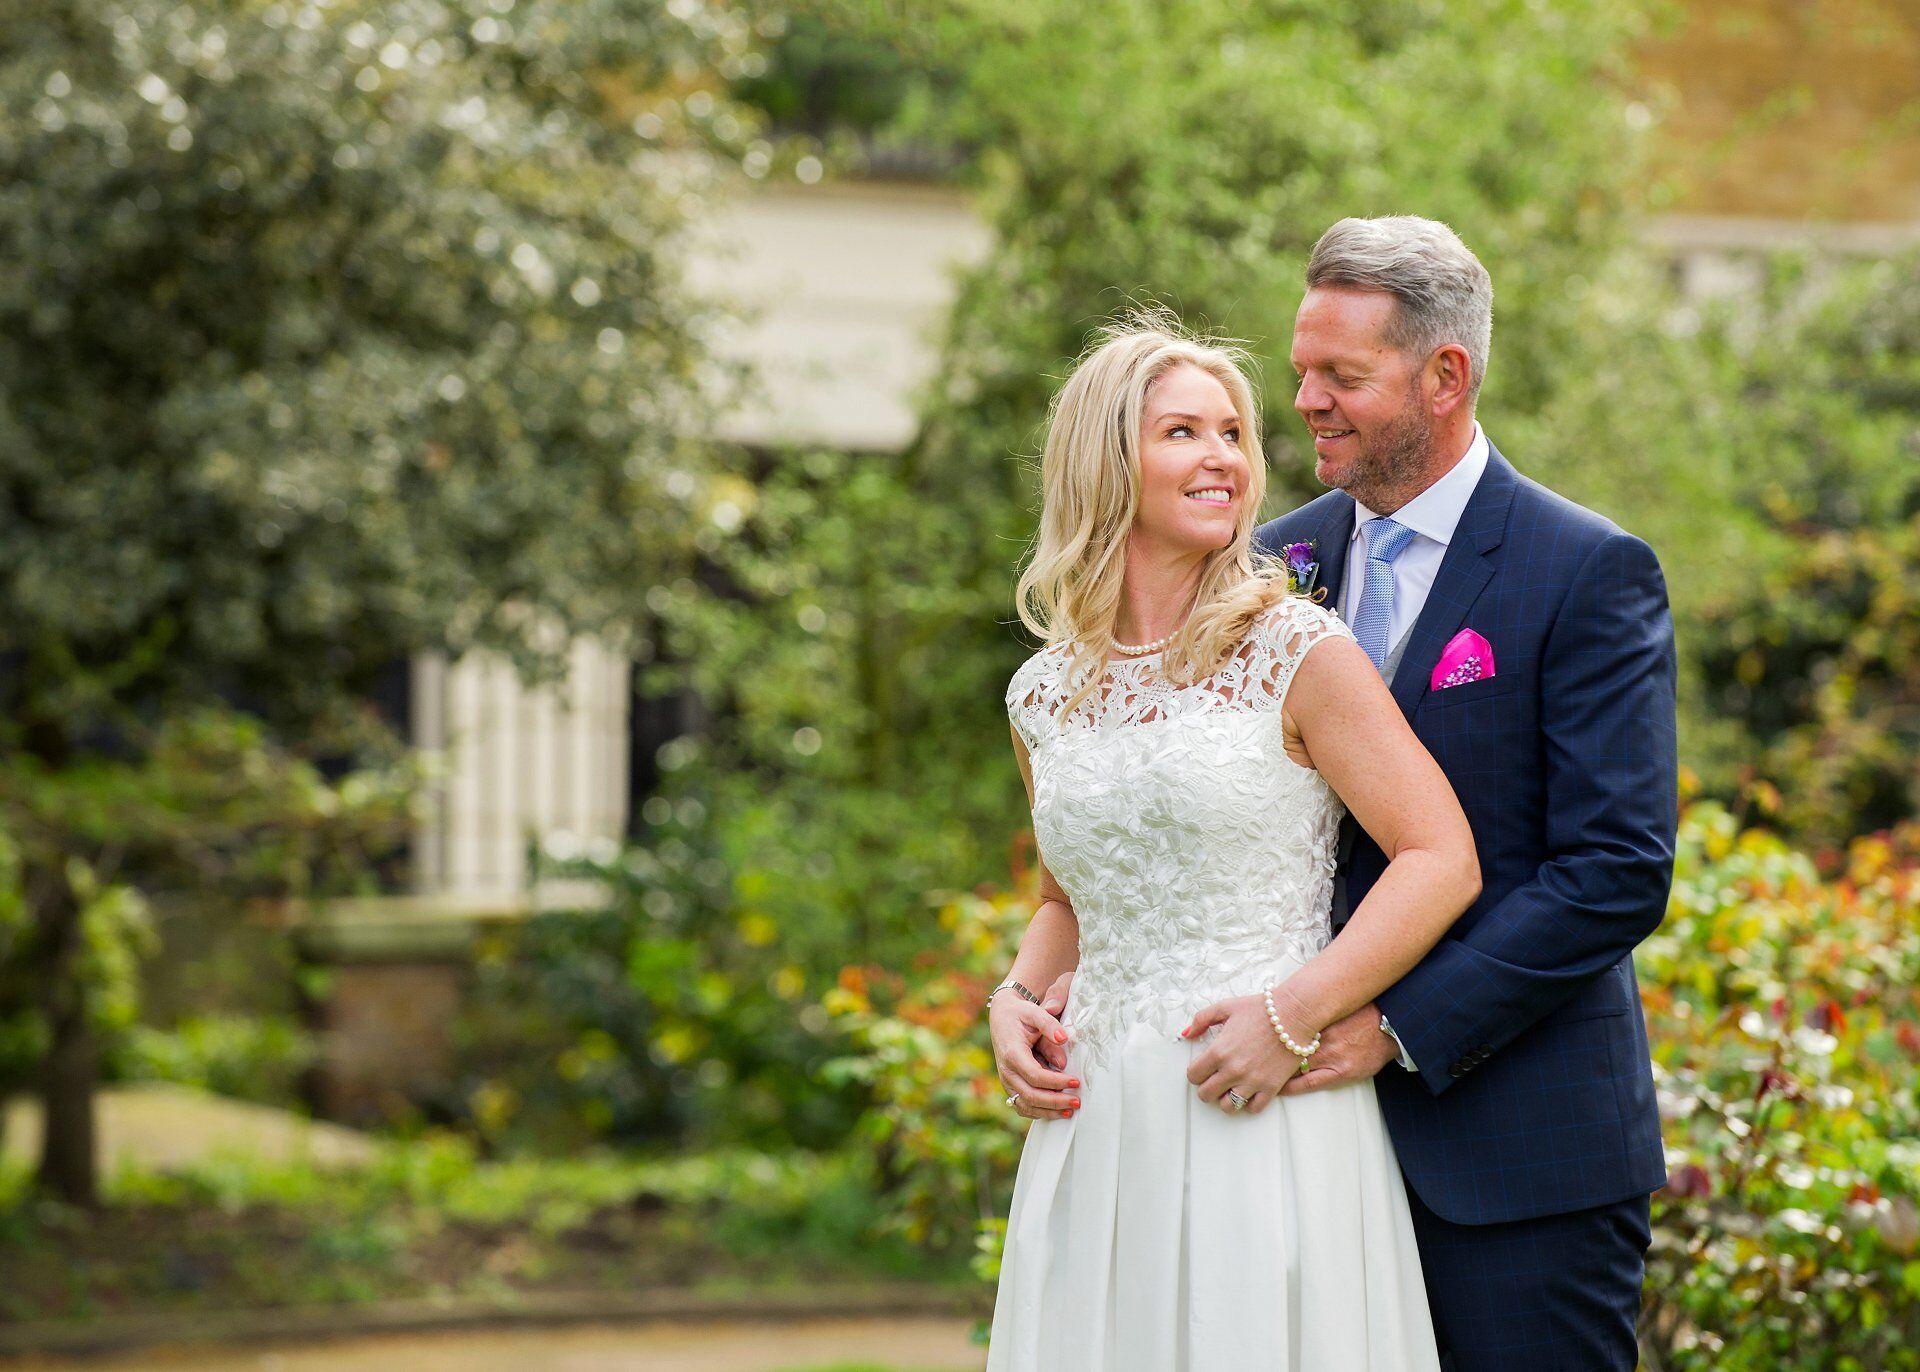 bride and groom spring wedding in st lukes garden chelsea